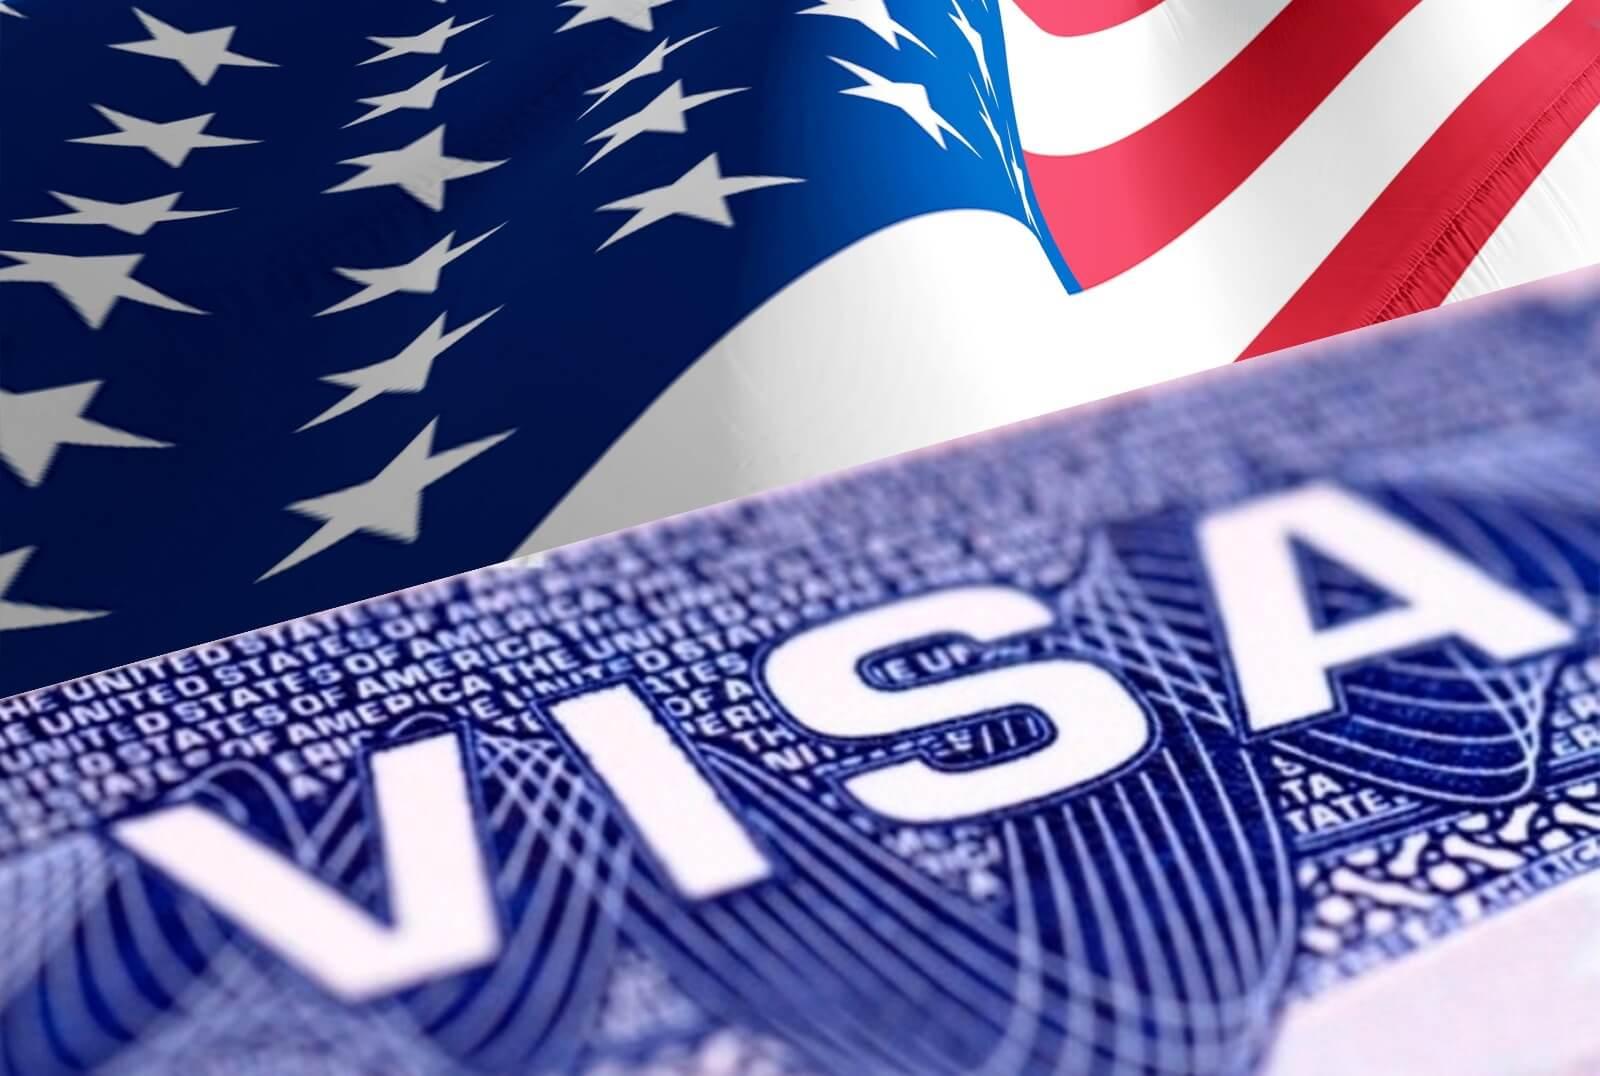 Trường hợp nào được phép xin visa Mỹ khẩn cấp? Thủ tục ra sao?